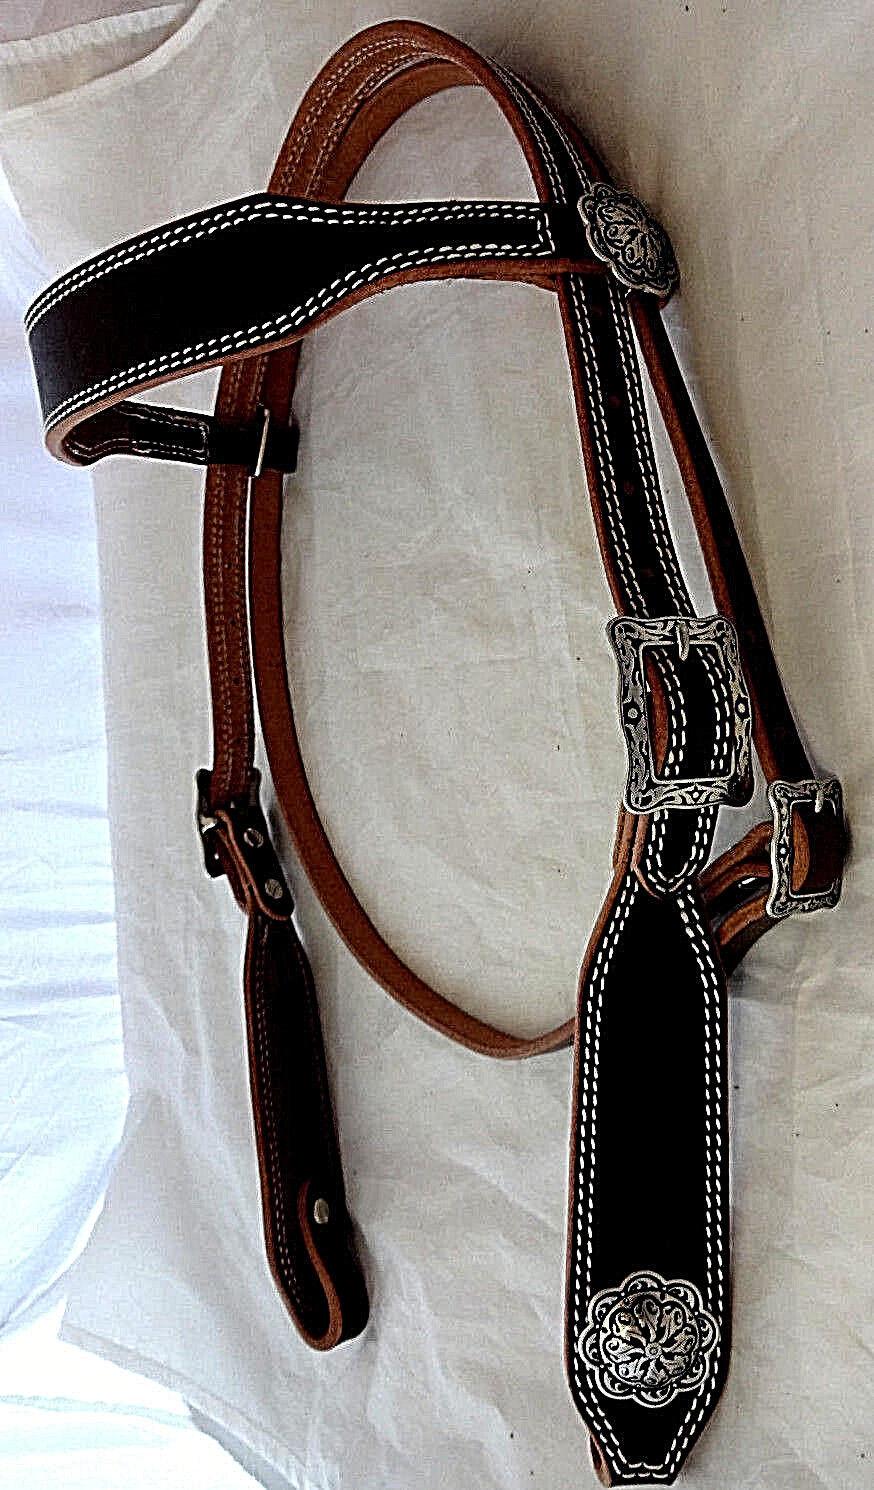 Doppelschlafstiftung Hermann Oak Leather Wide Headstall Jeremiah Watt Conchos NW